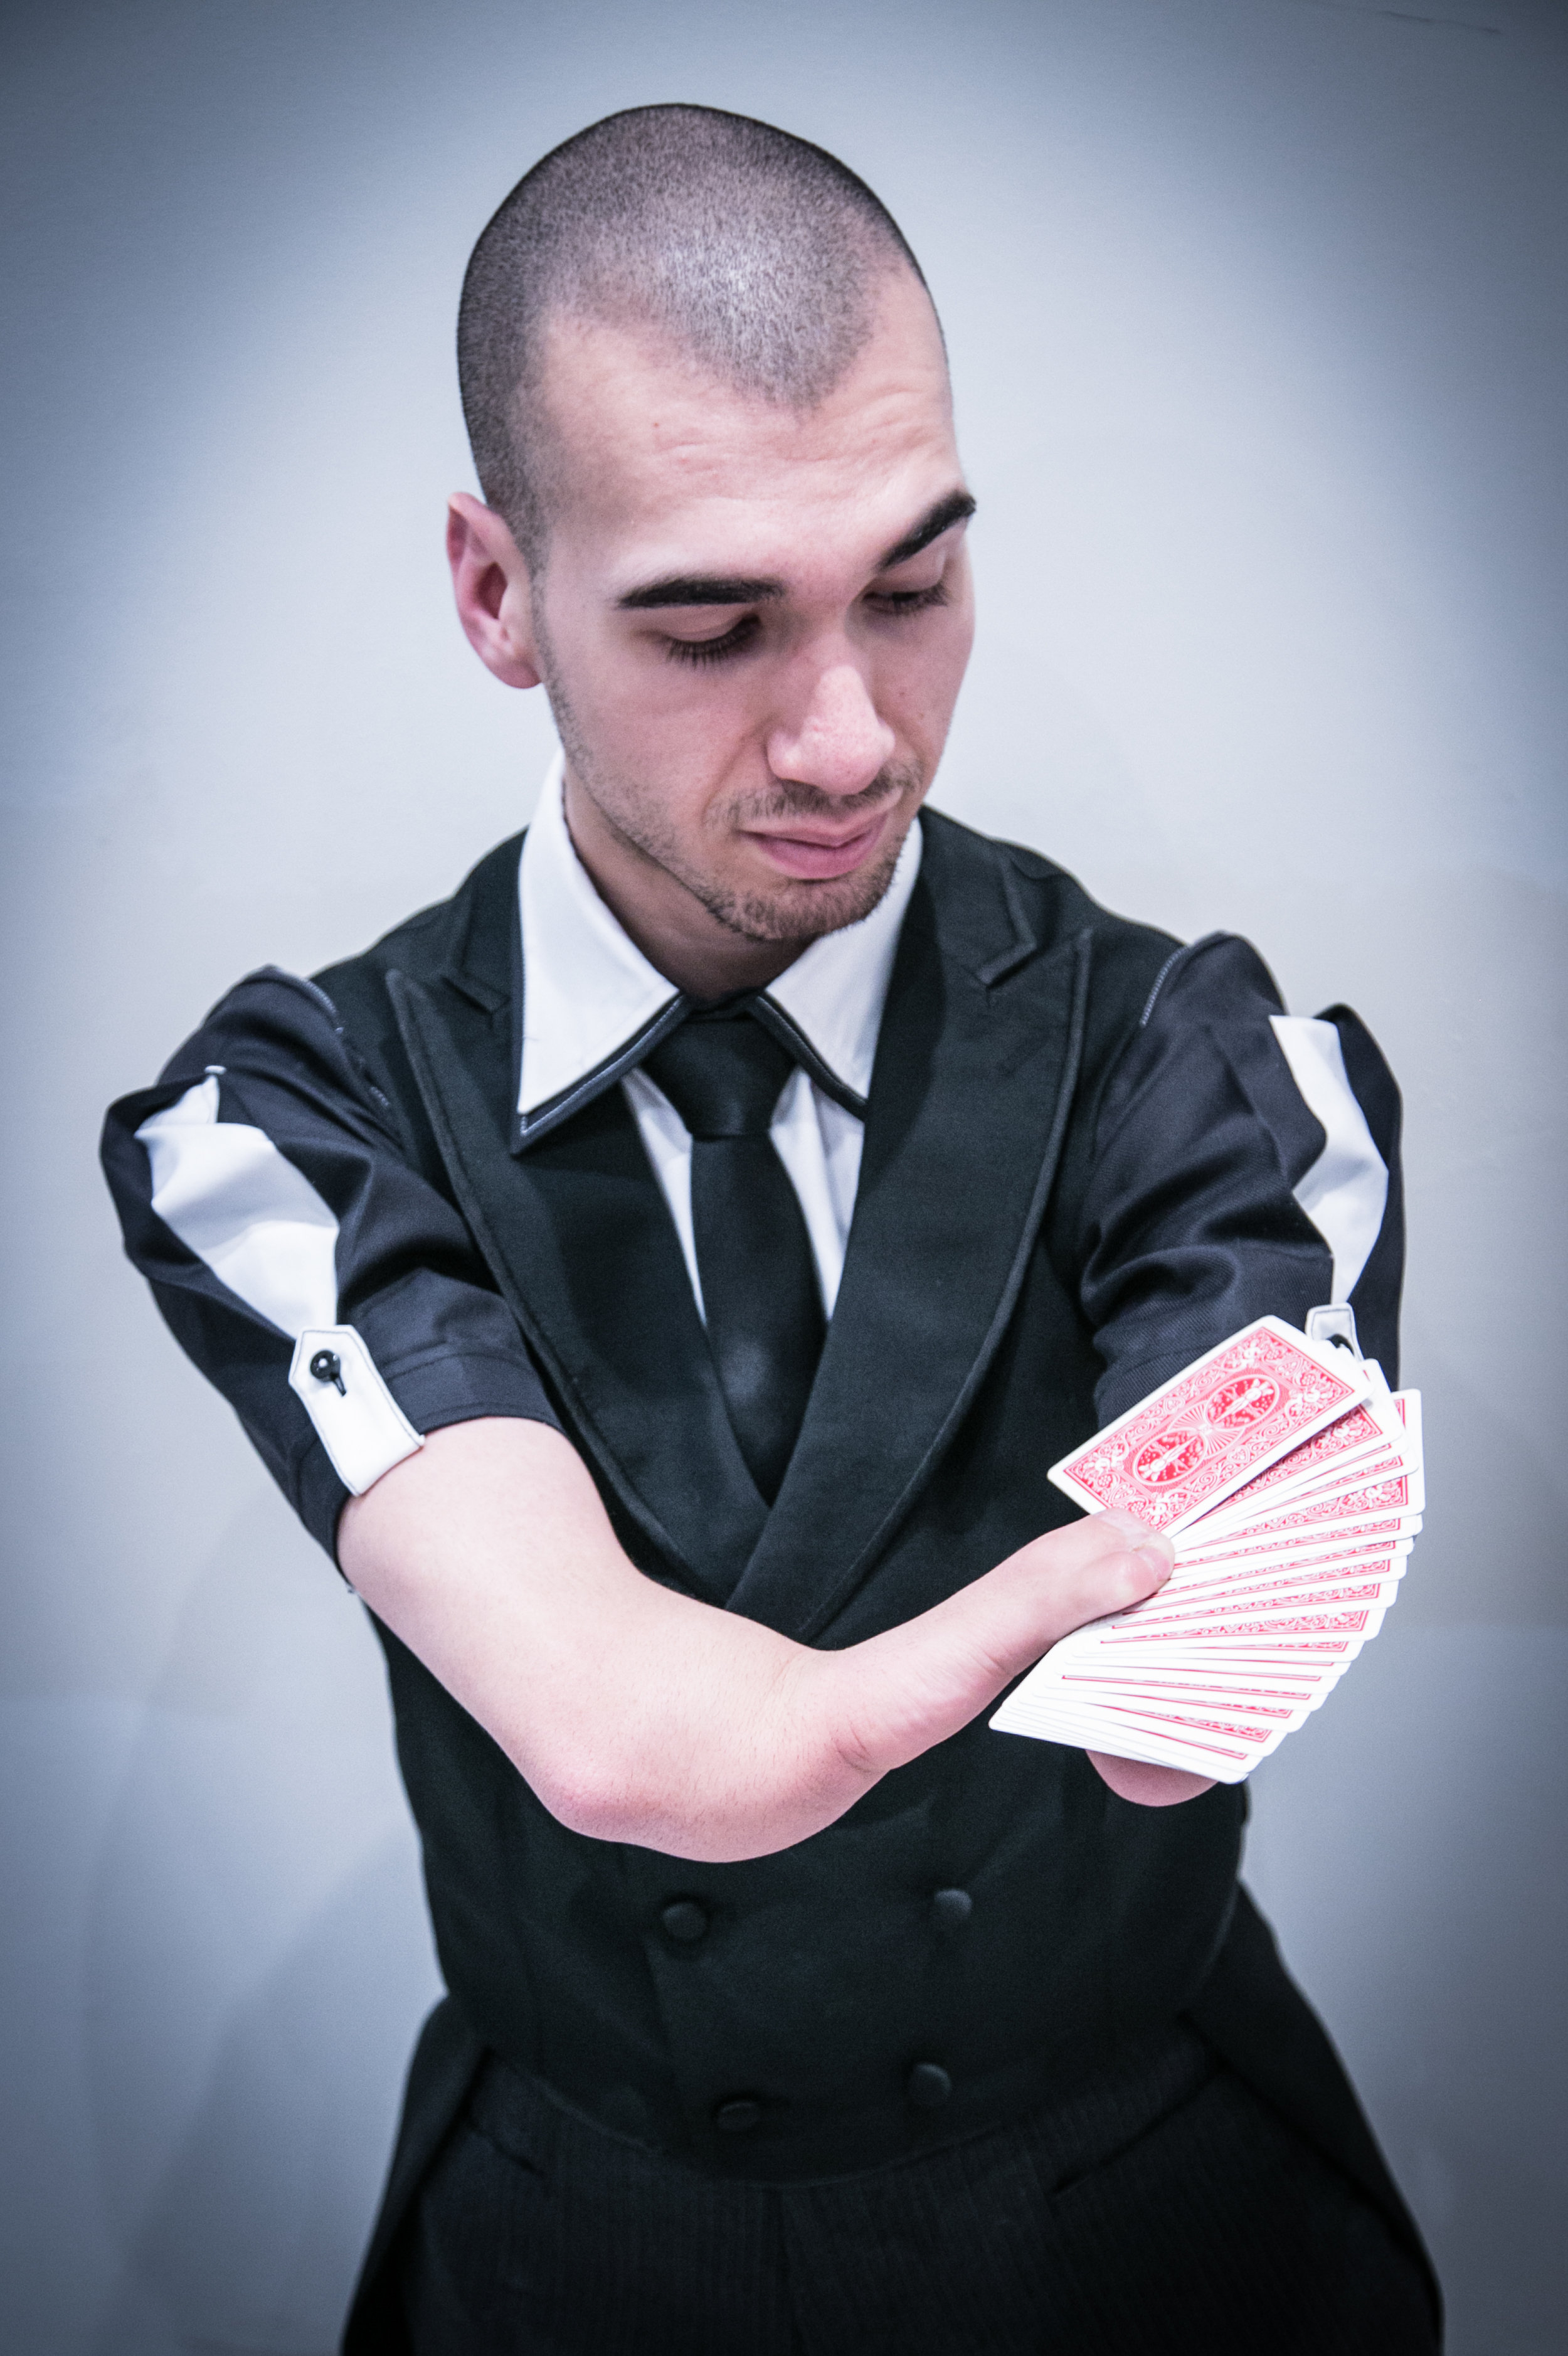 Mahdi Gilbert Corporate Magician Sleight of Hand.jpg